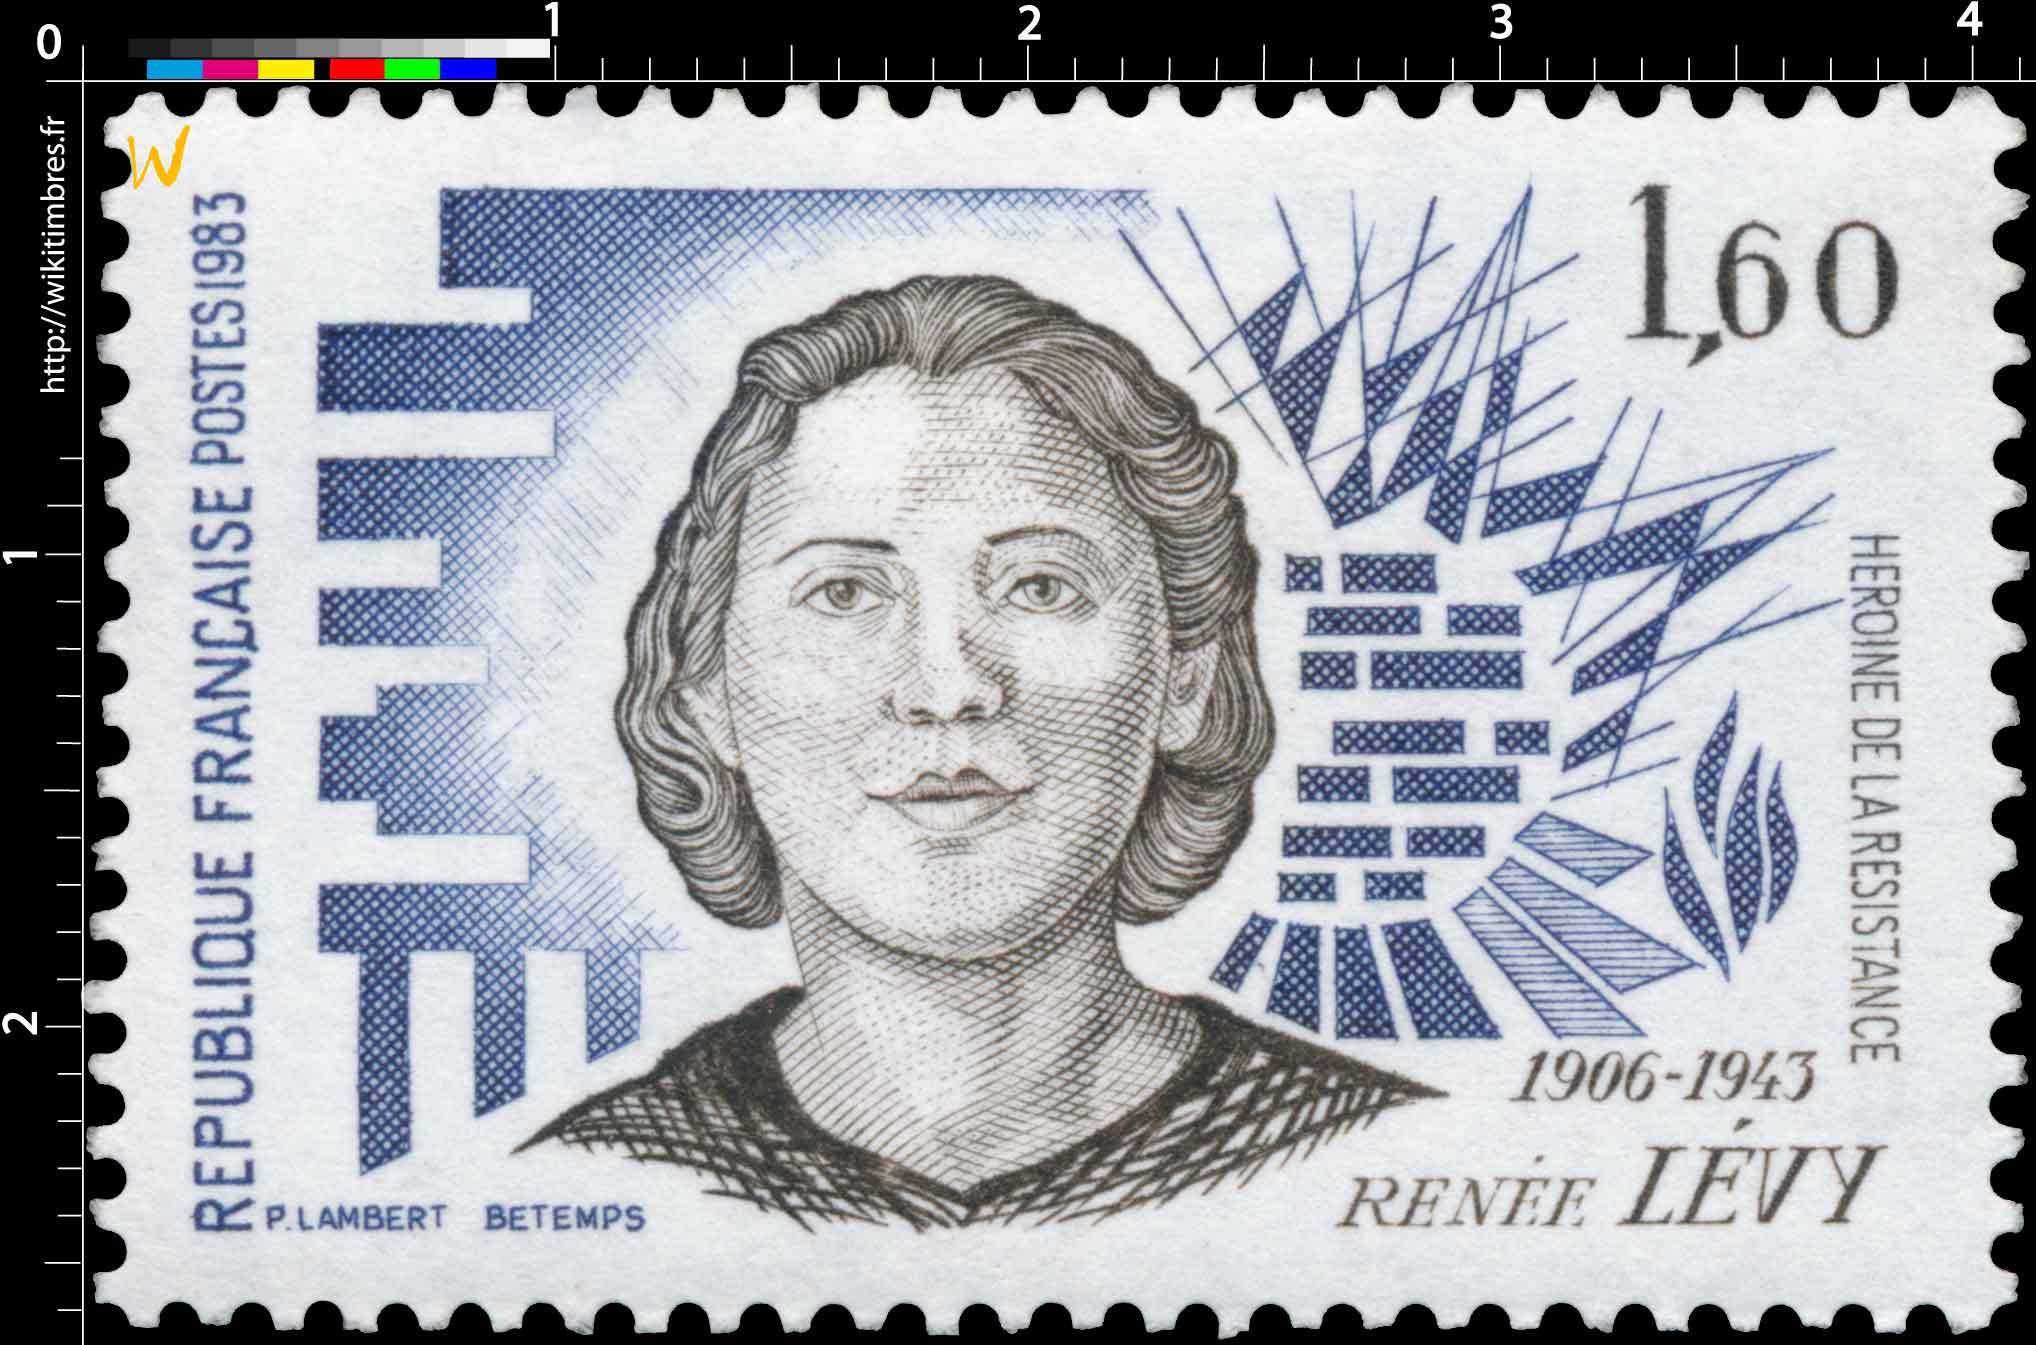 1983 RENÉE LÉVY 1906-1943 HÉROÏNE DE LA RÉSISTANCE